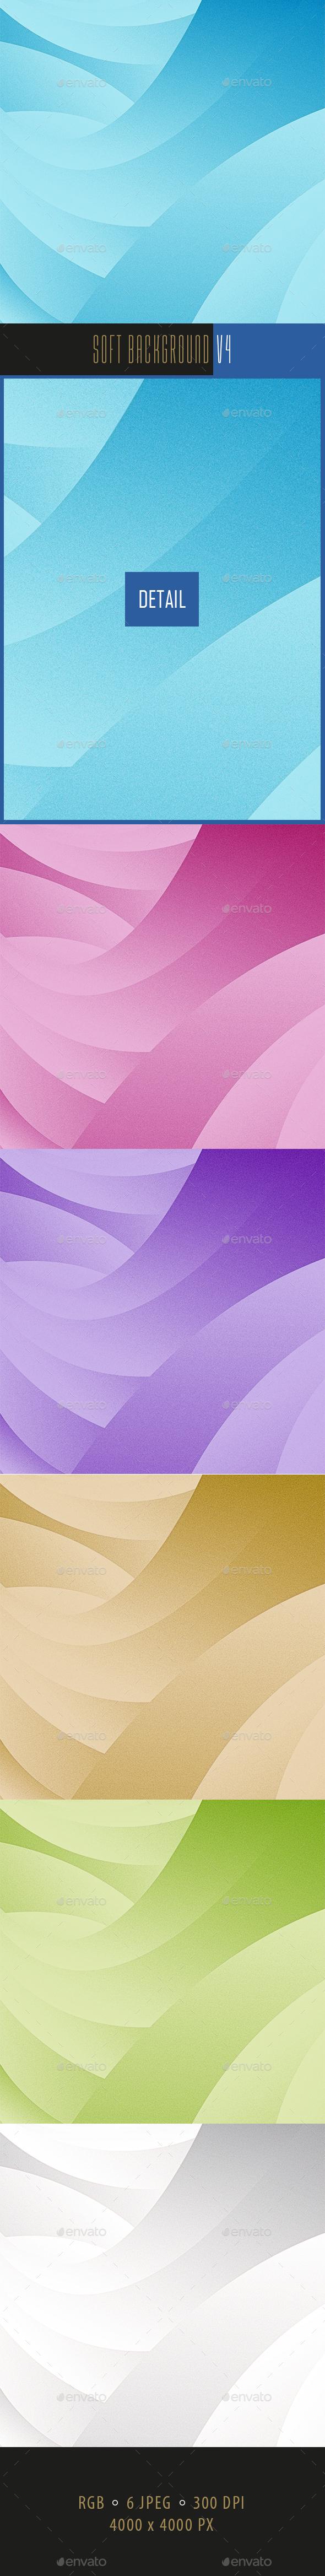 Soft Background v4